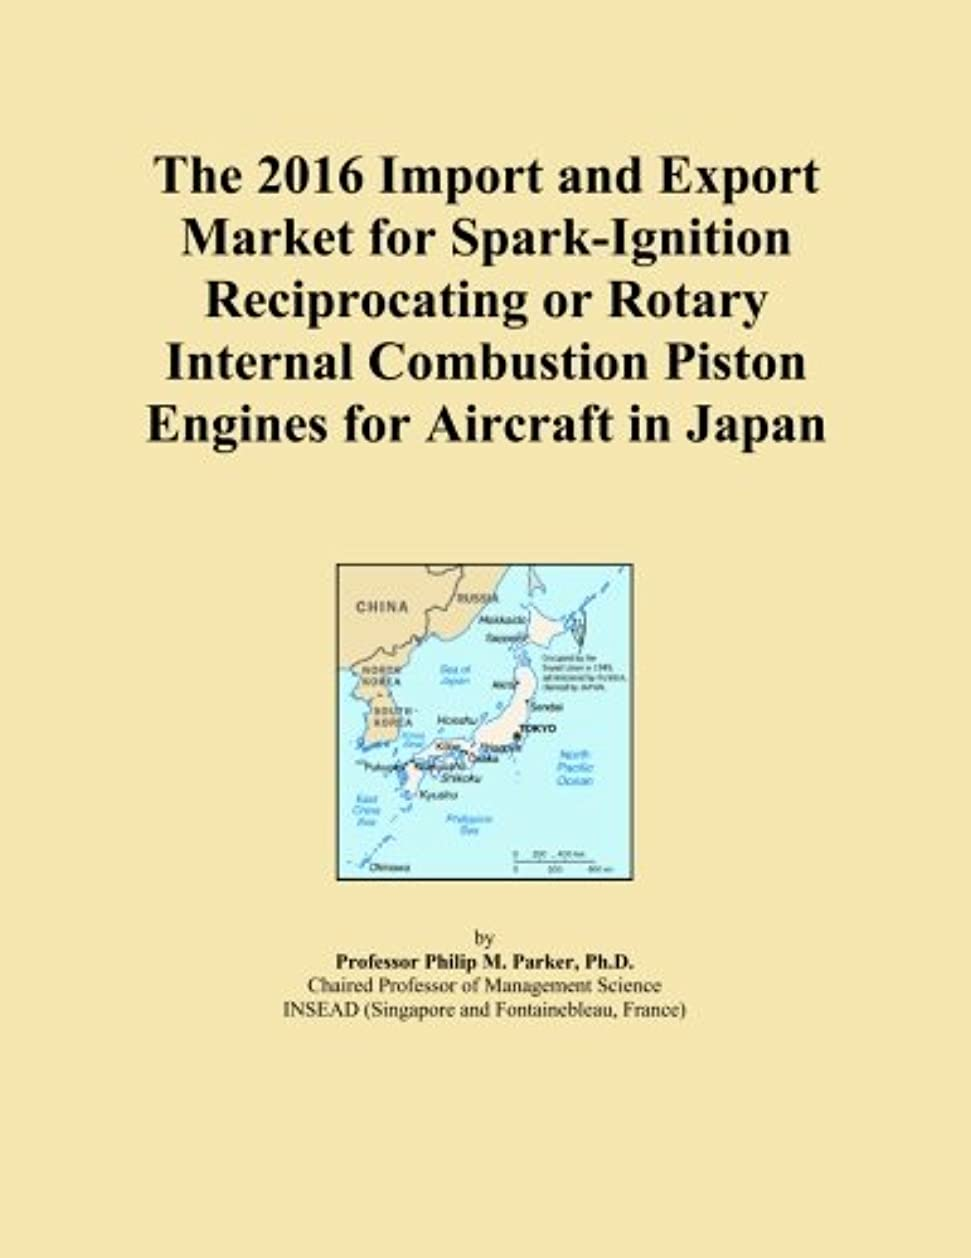 ベジタリアン反対した医薬The 2016 Import and Export Market for Spark-Ignition Reciprocating or Rotary Internal Combustion Piston Engines for Aircraft in Japan